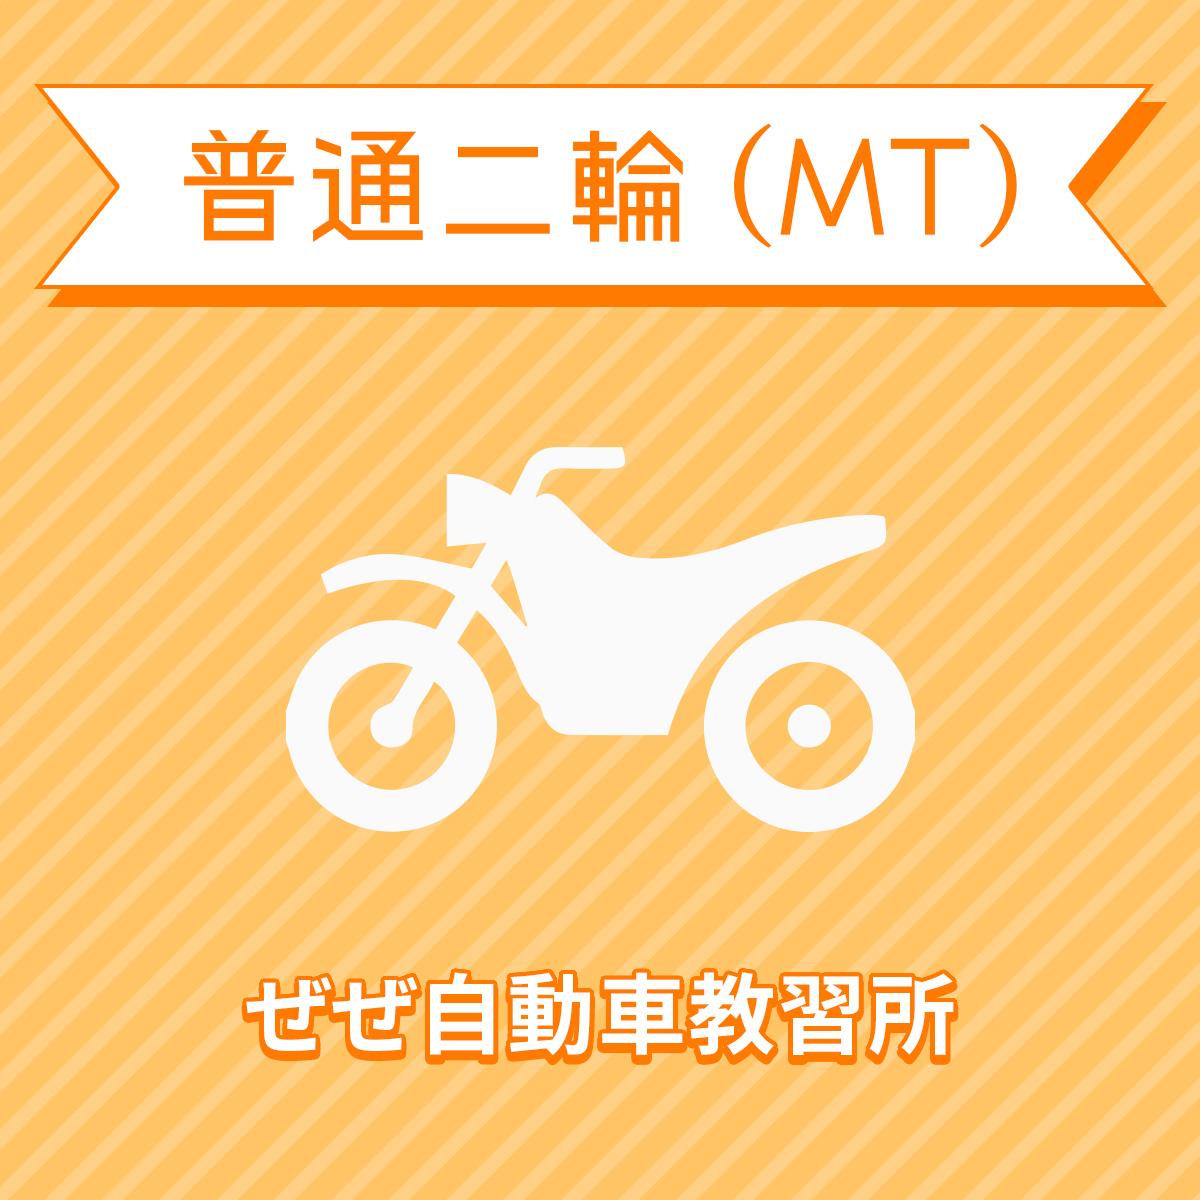 【滋賀県大津市】普通二輪MTコース(一般料金)